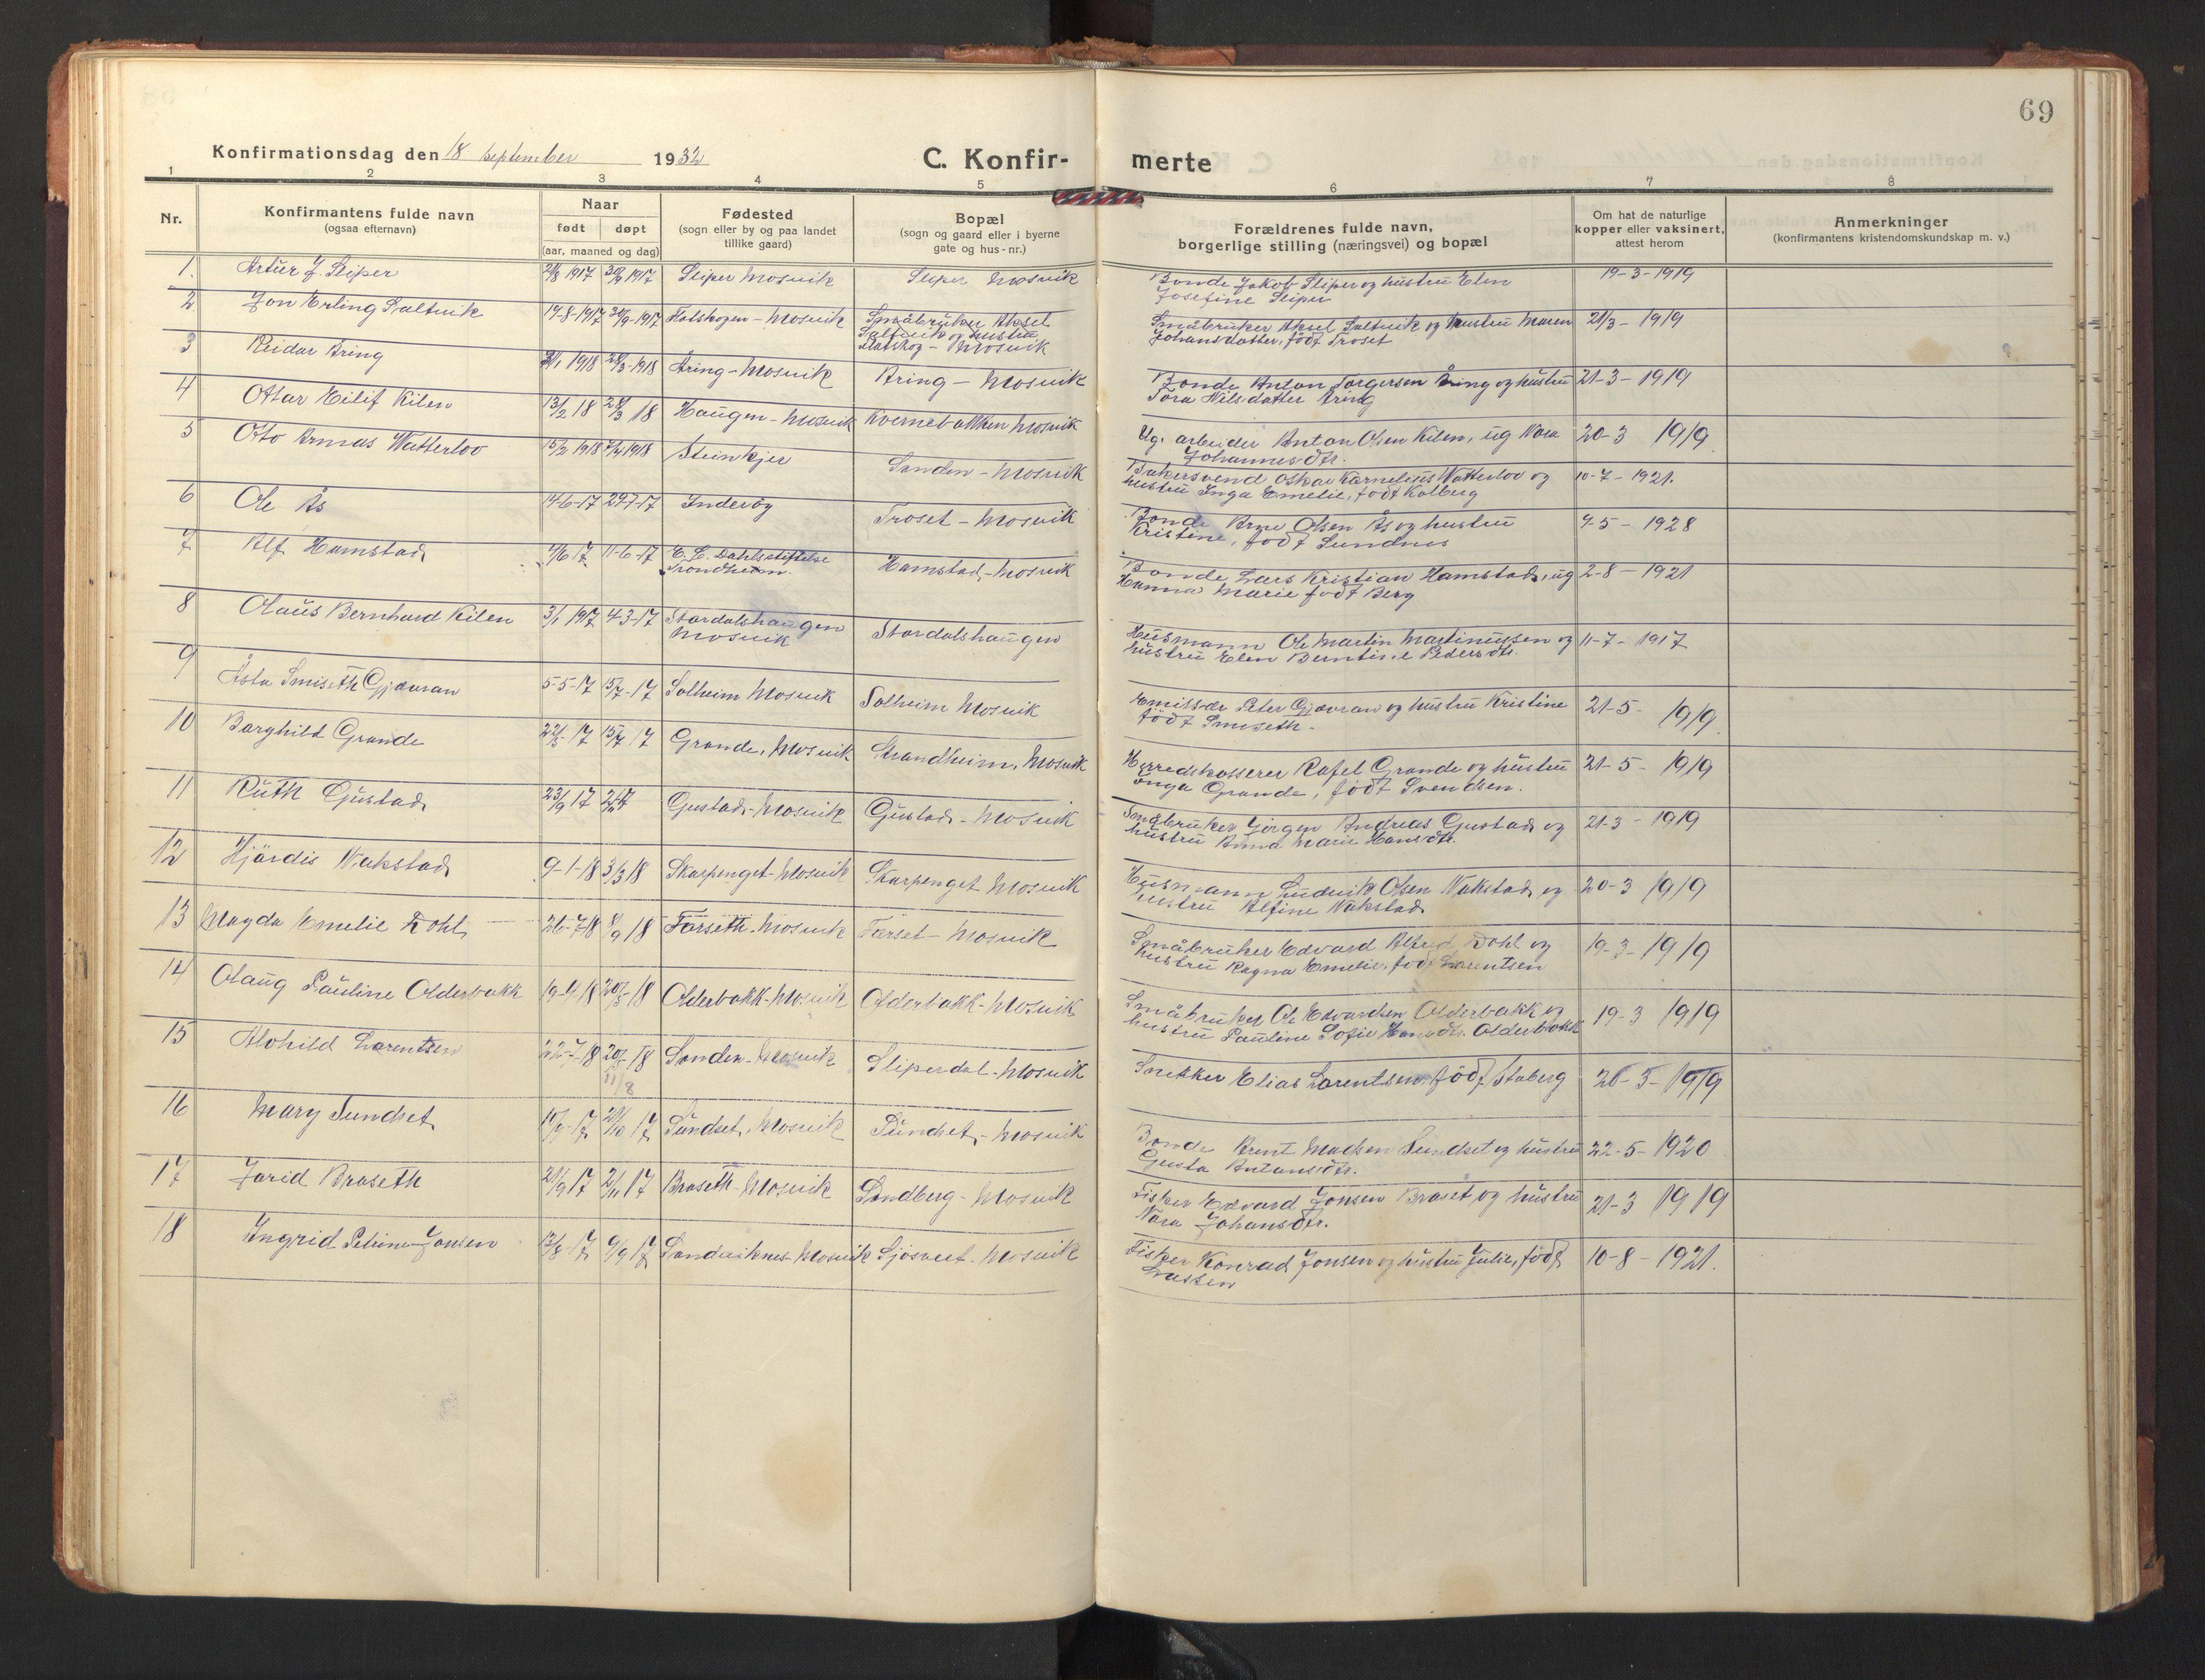 SAT, Ministerialprotokoller, klokkerbøker og fødselsregistre - Nord-Trøndelag, 733/L0328: Klokkerbok nr. 733C03, 1919-1966, s. 69